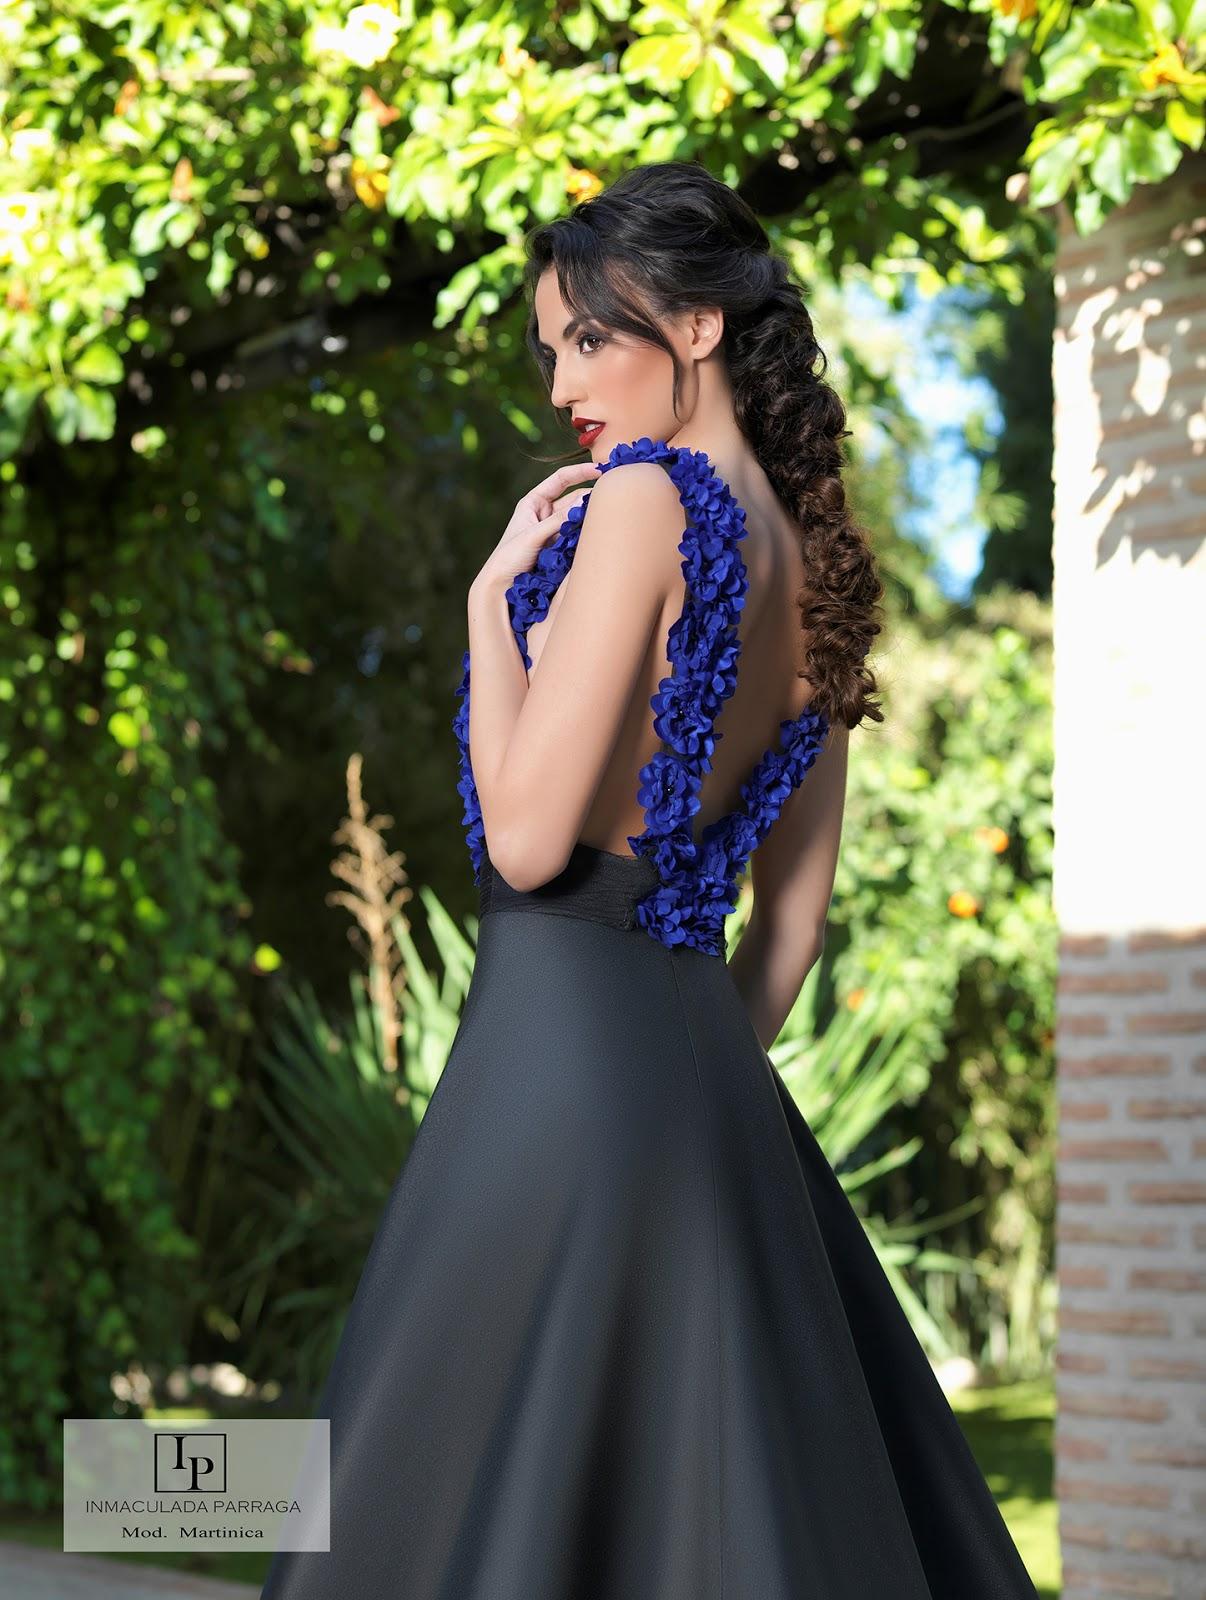 70068e1594 Alta confeccion de vestidos de fiesta en Murcia - Inmaculada Parraga ...